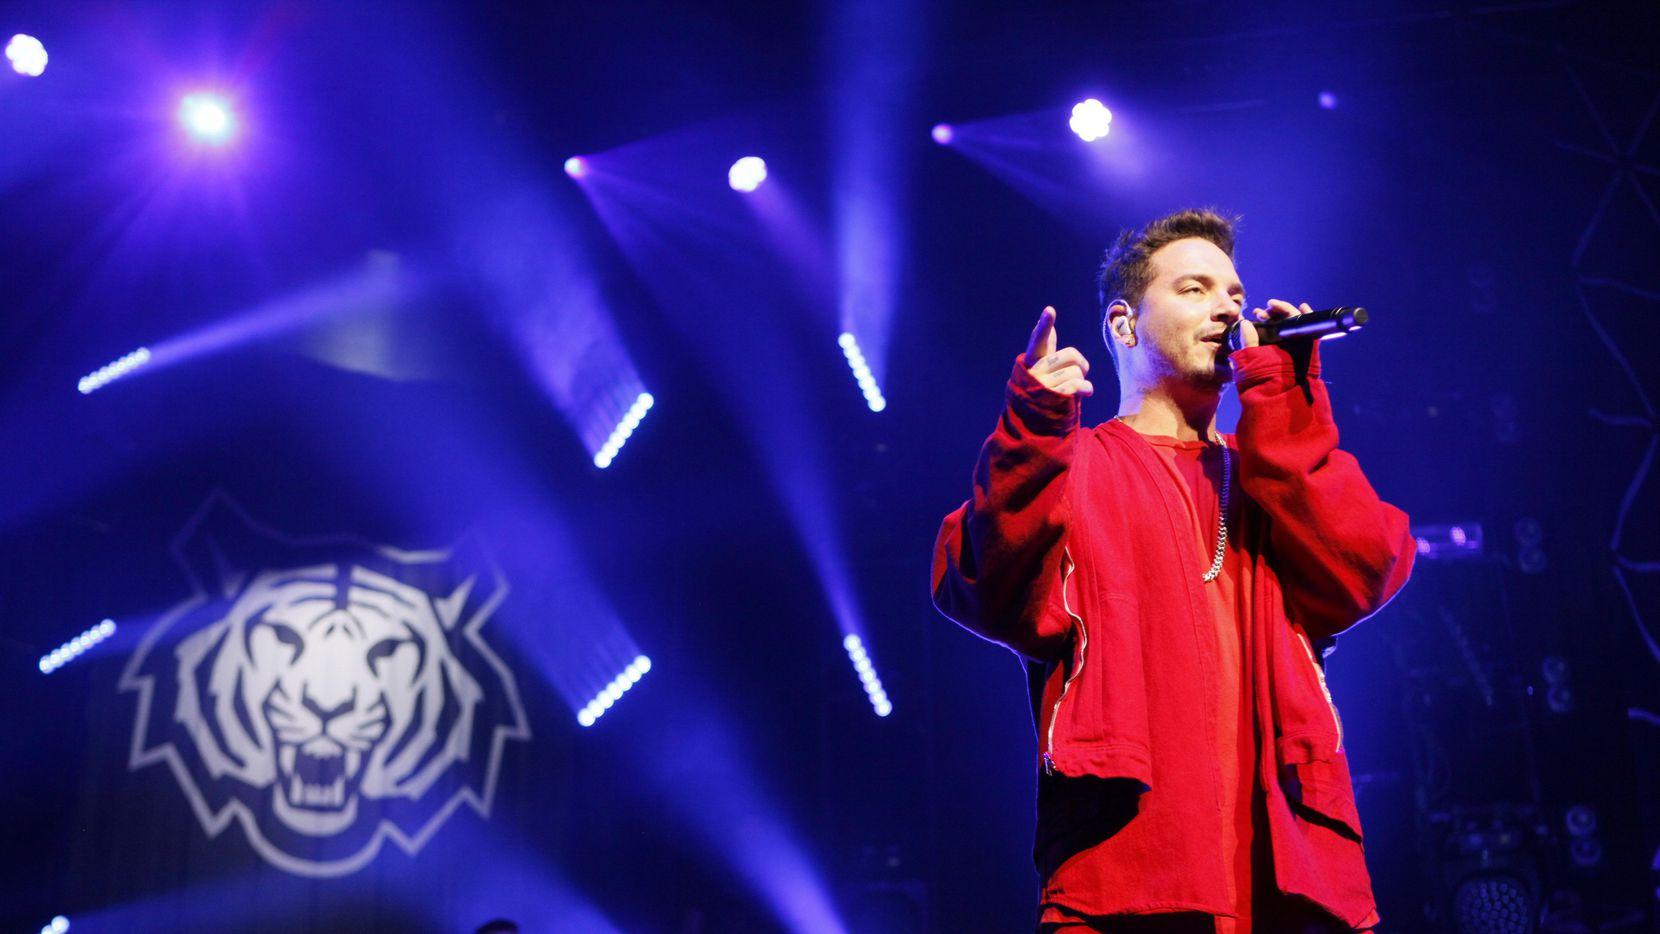 El reggaettonero J Balvin está nominado en siete categorías de los Premios Billboard a lo mejor de la música latina. (ESPECIAL PARA AL DÍA/BEN TORRES)